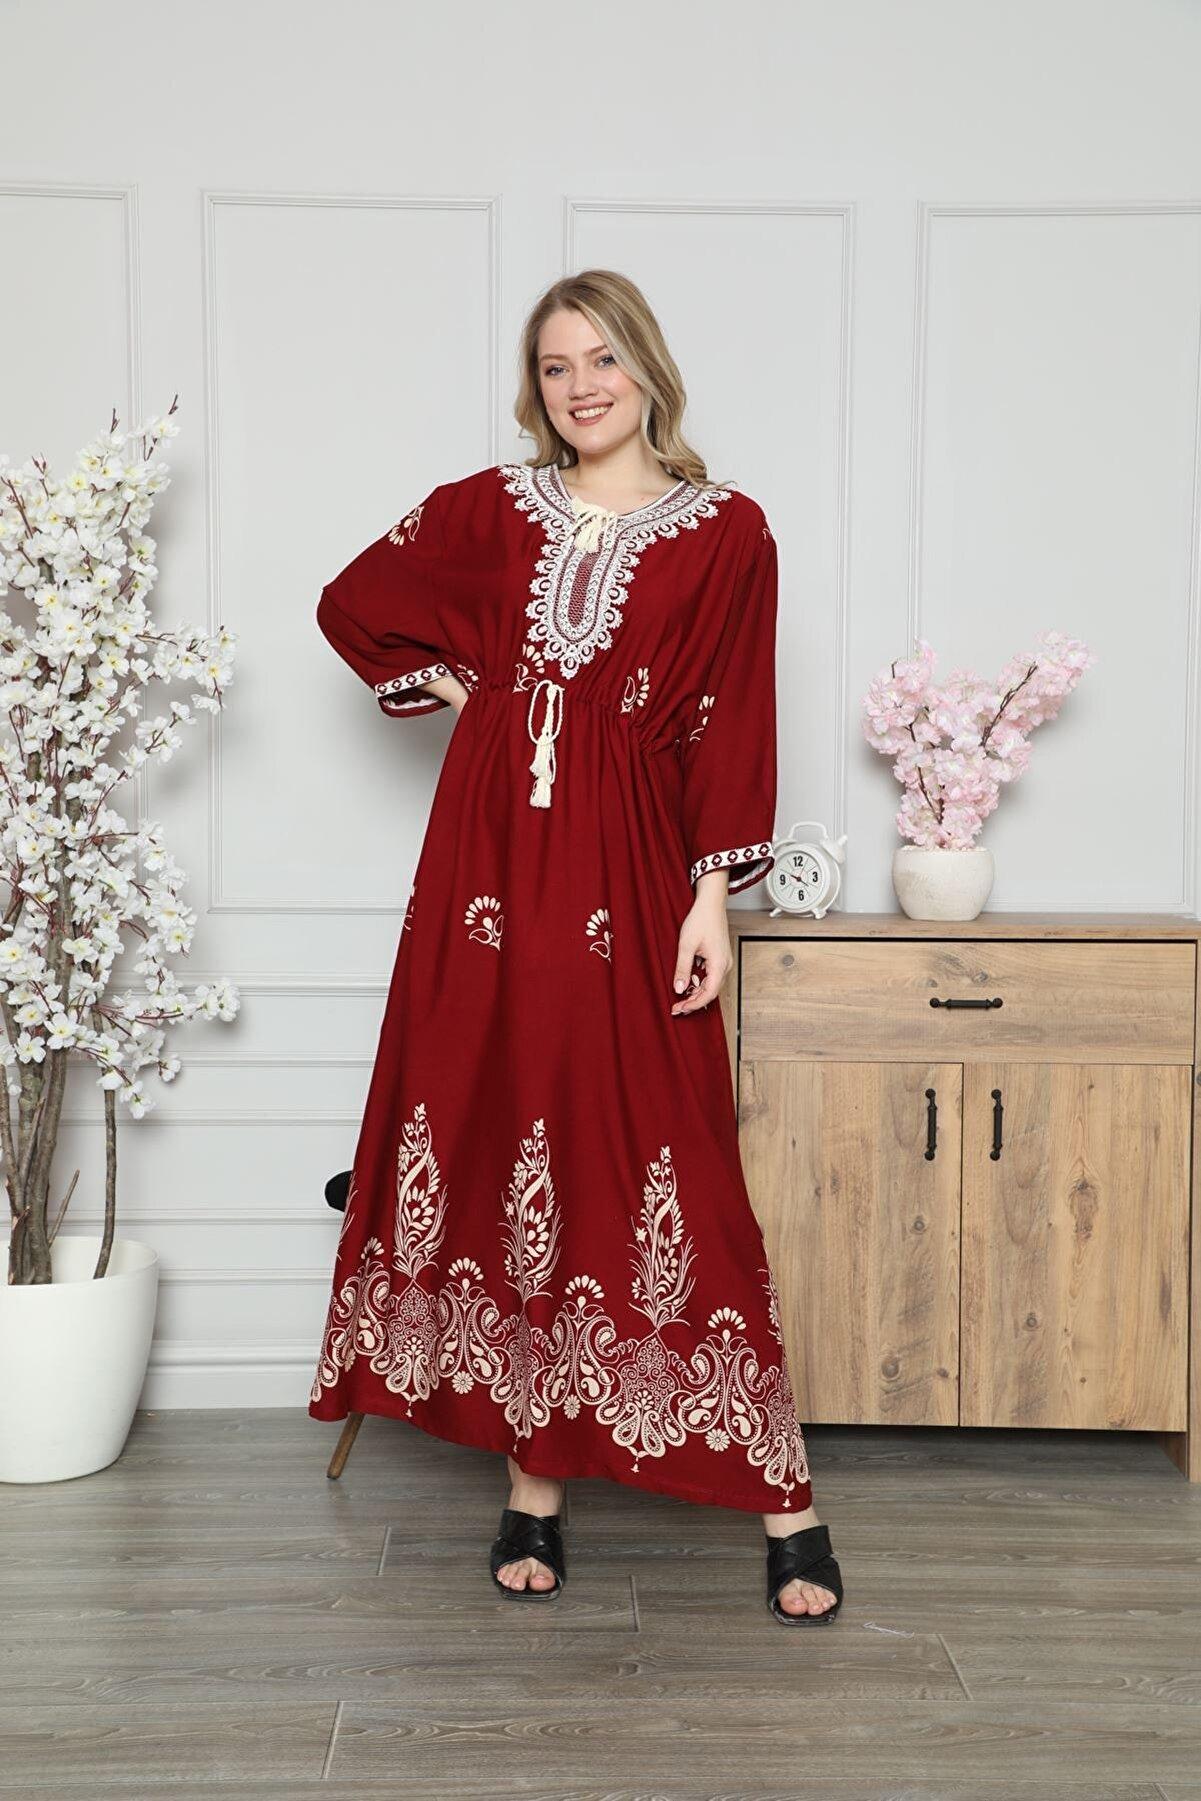 Laila Kadın Bordo Yoğun Nakış Ve Etnik Desen Baskılı Belden Büzgülü Uzun Yazlık Pamuk Elbise